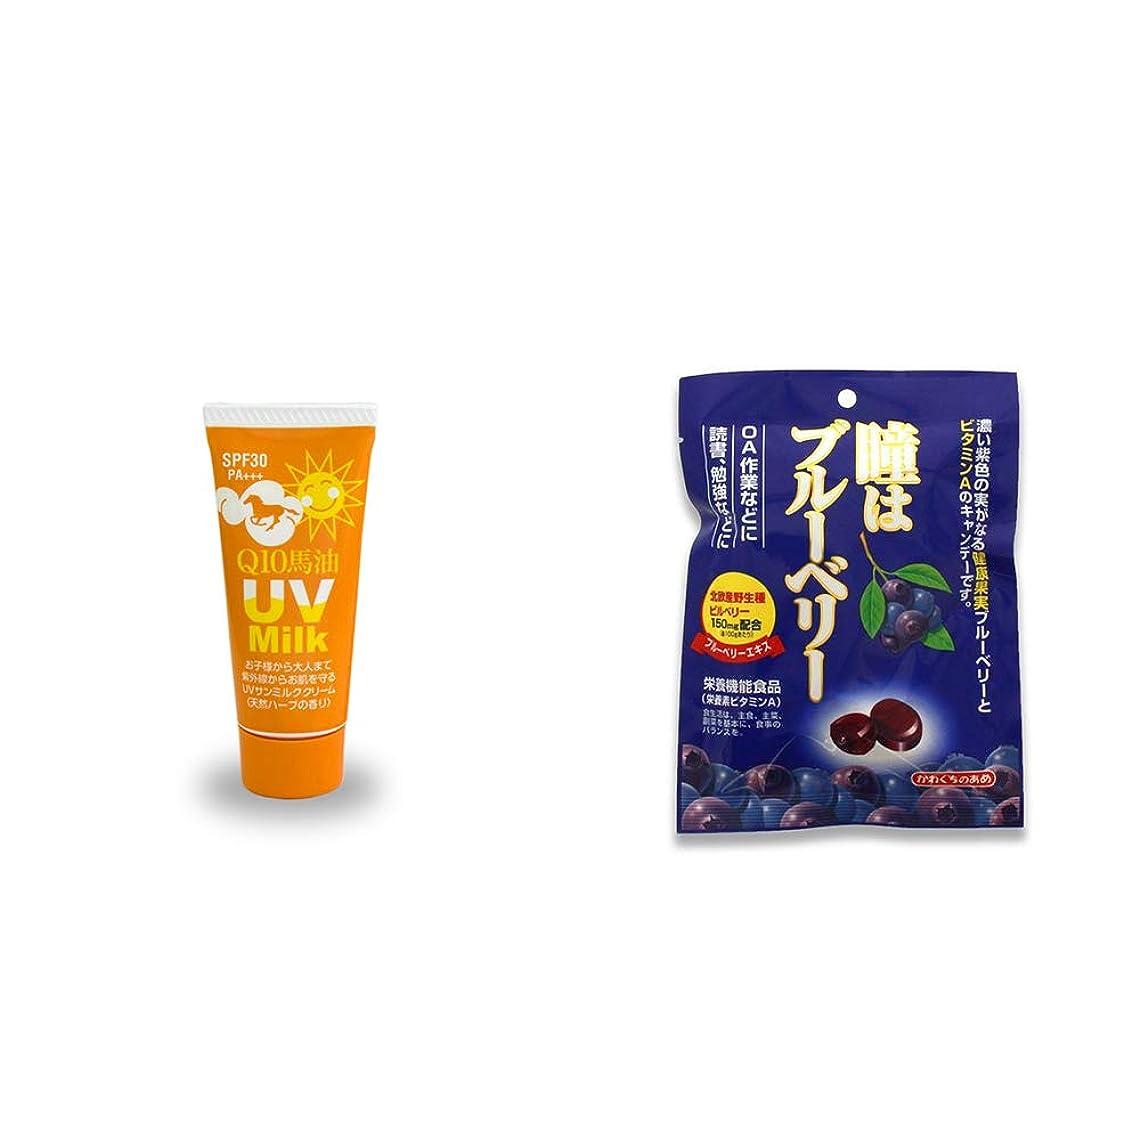 ドナー忠誠件名[2点セット] 炭黒泉 Q10馬油 UVサンミルク[天然ハーブ](40g)?瞳はブルーベリー 健康機能食品[ビタミンA](100g)